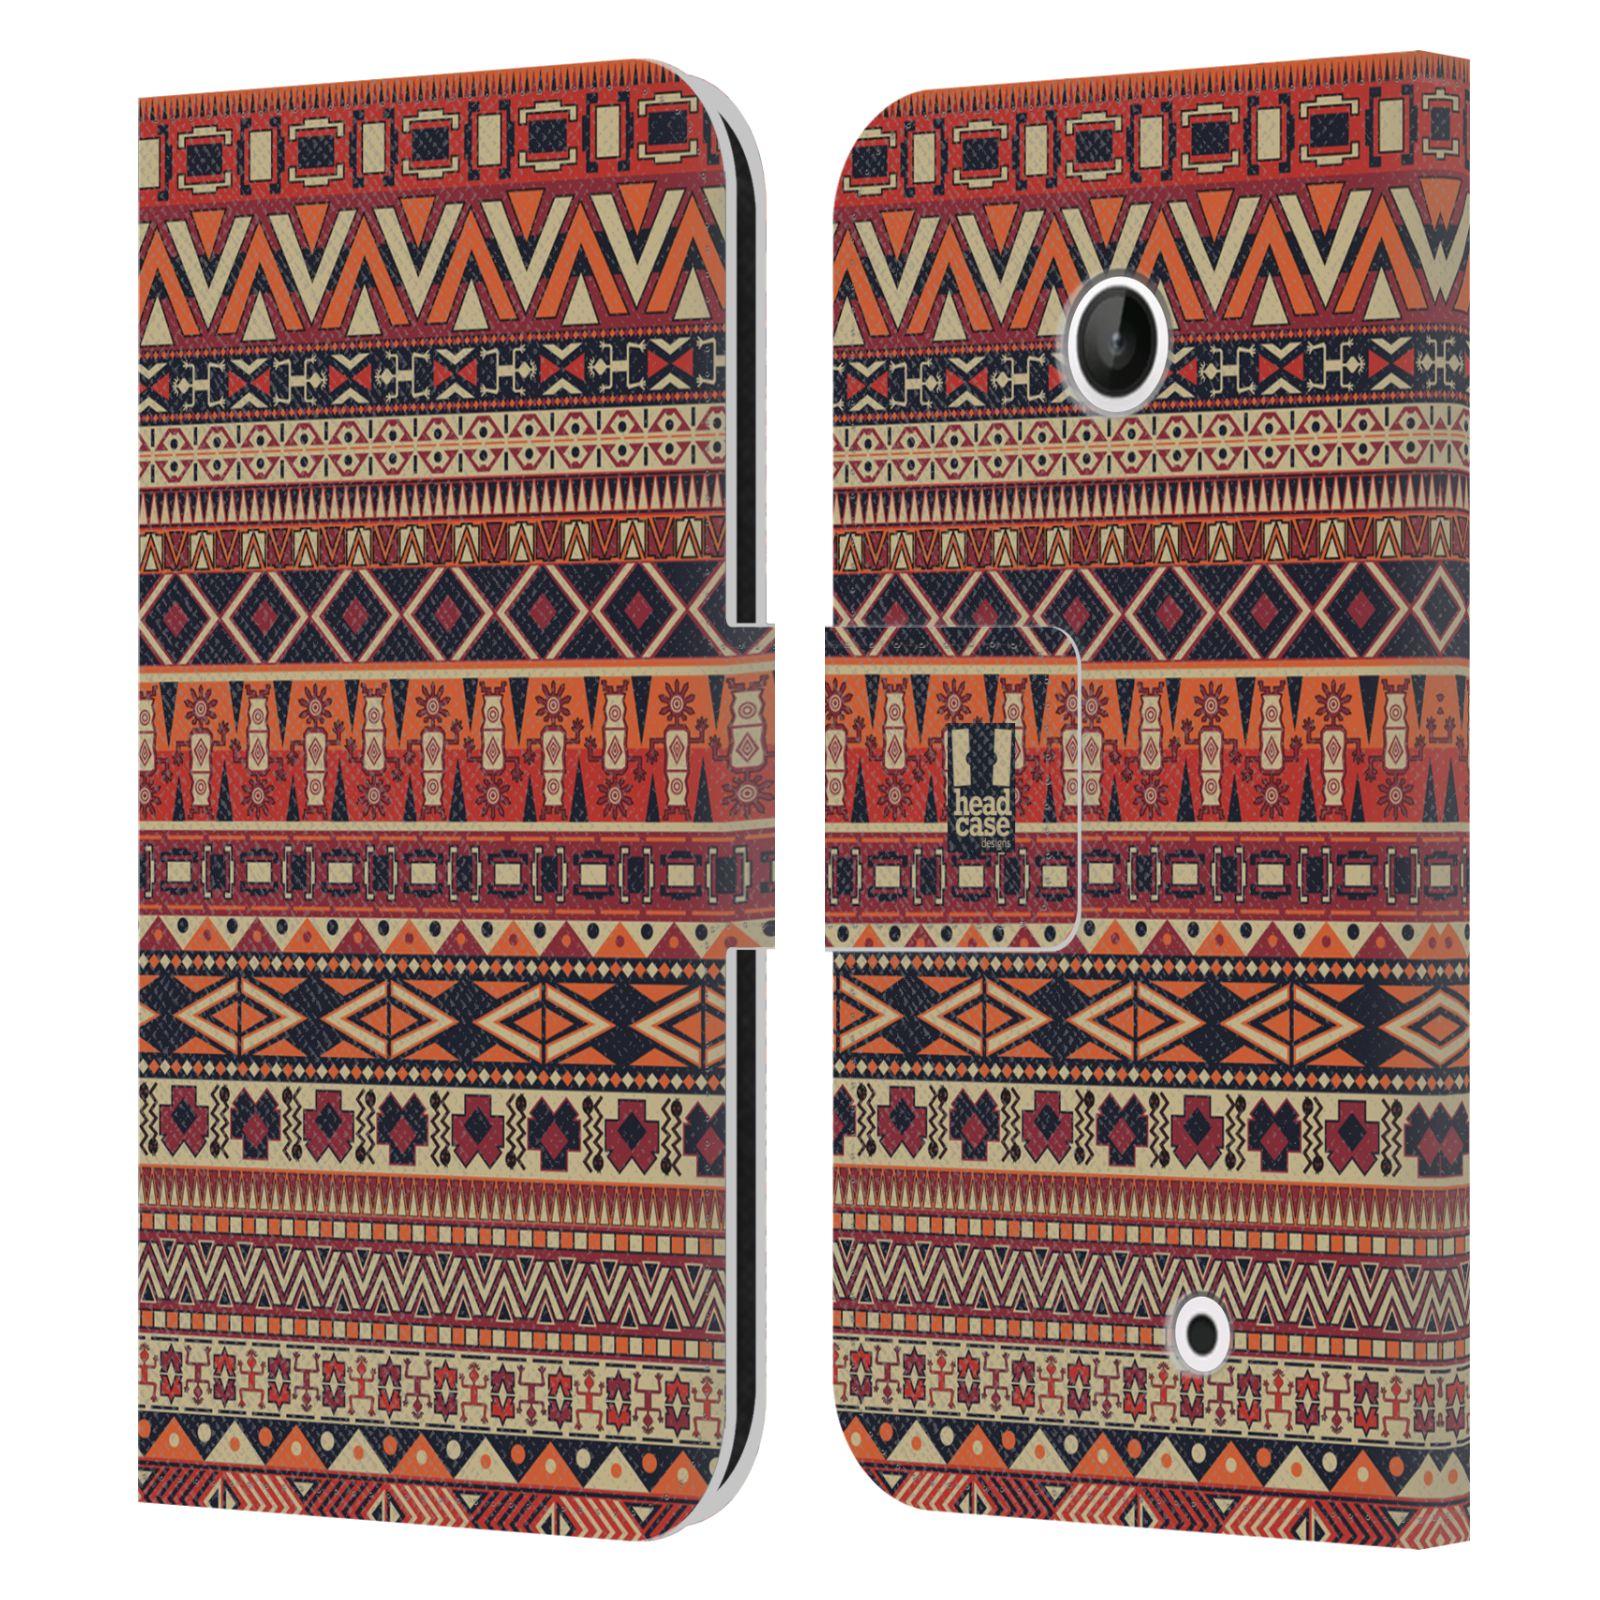 HEAD CASE Flipové pouzdro pro mobil NOKIA LUMIA 630 / LUMIA 630 DUAL Indiánský vzor RED červená